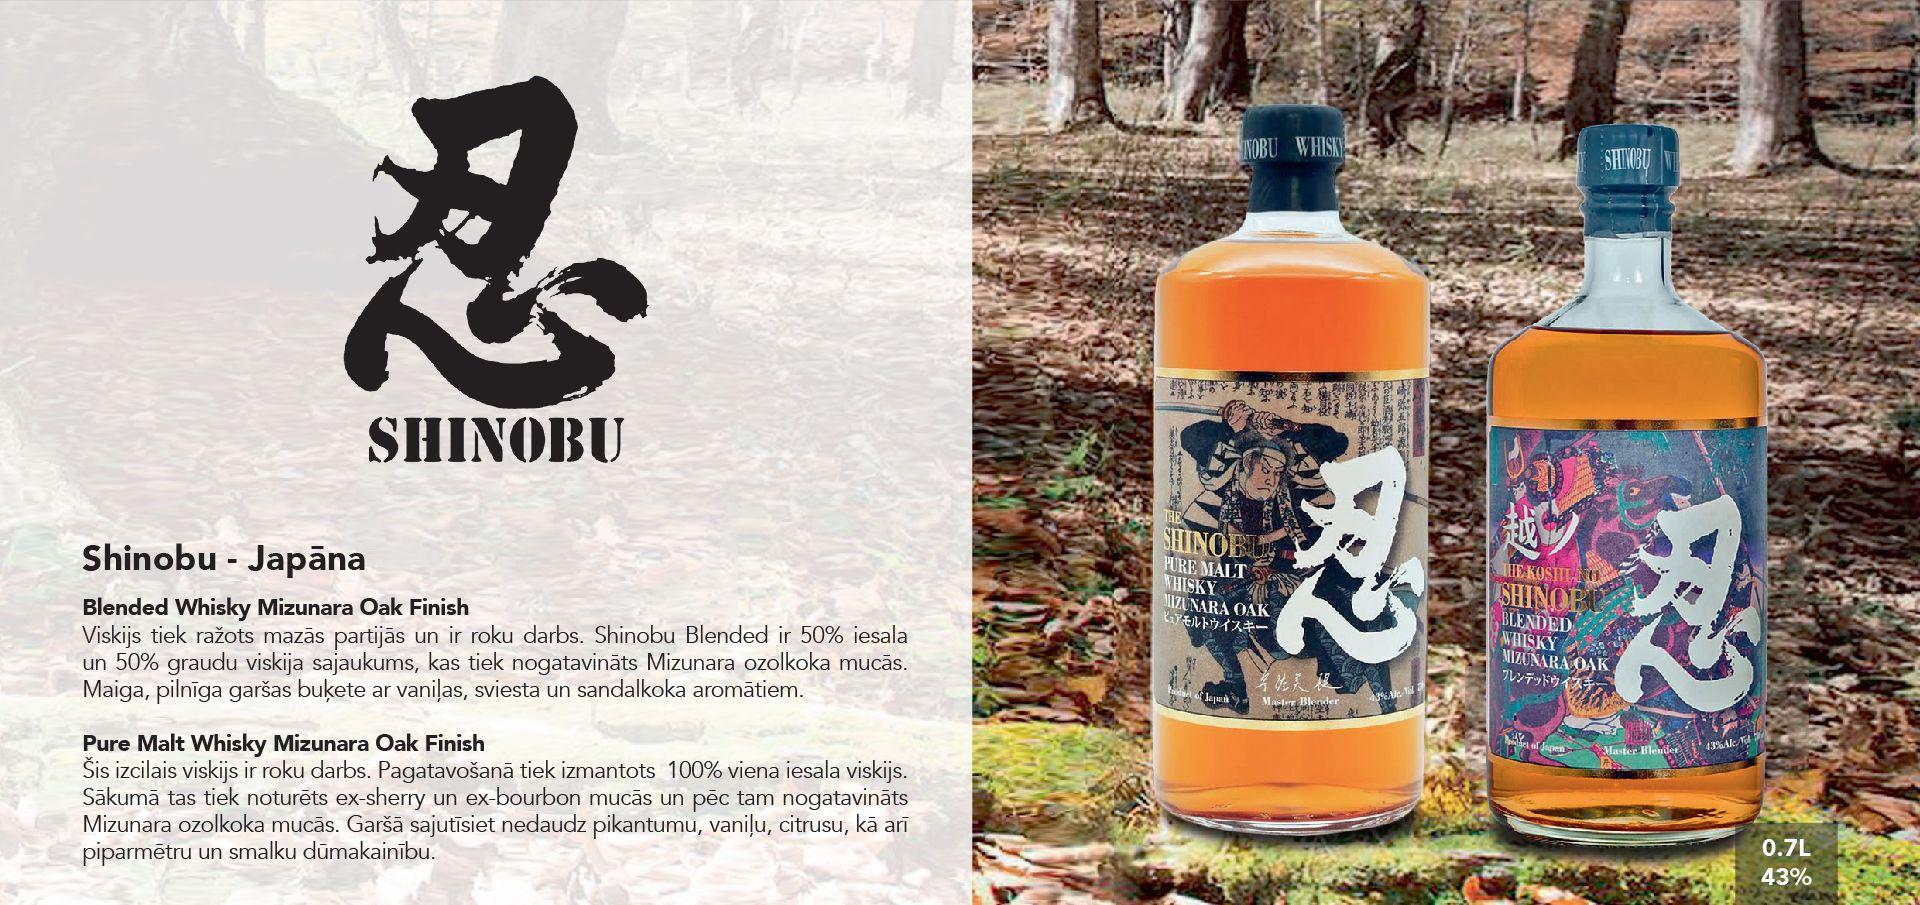 Shinobu Whiskey - Japāna